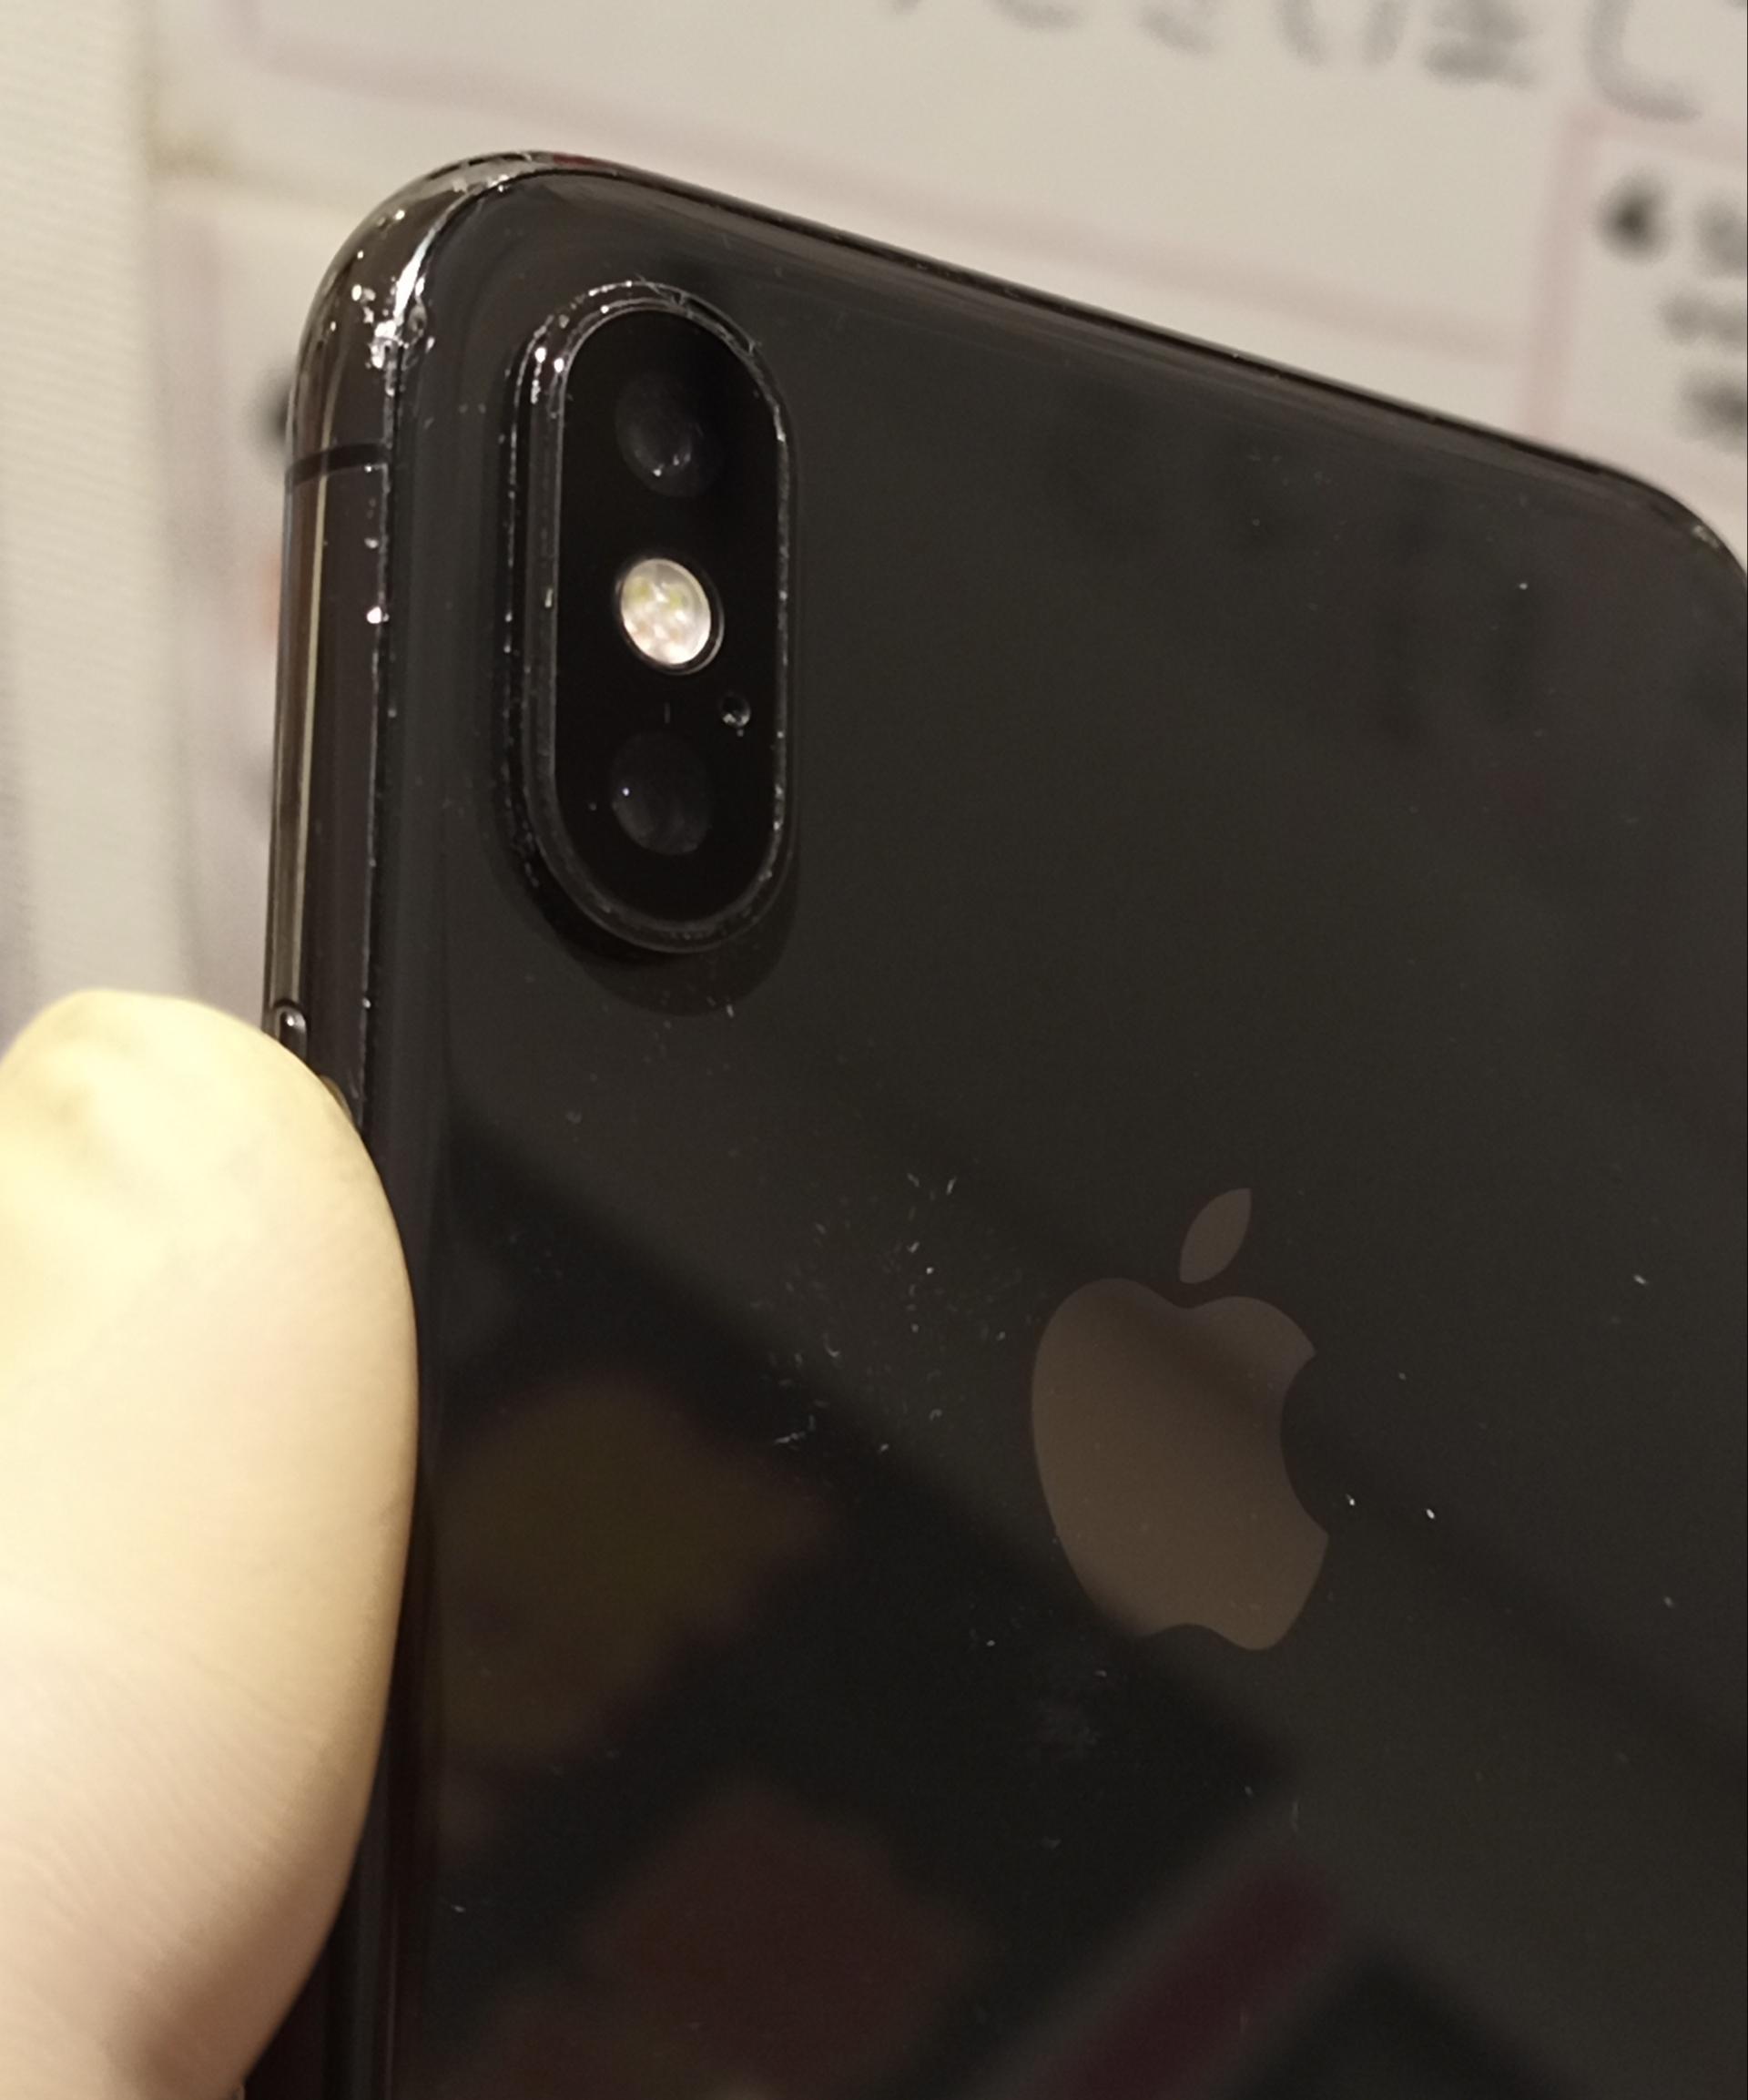 修理で新しいカメラレンズをつけて綺麗に直ったiPhoneX画像